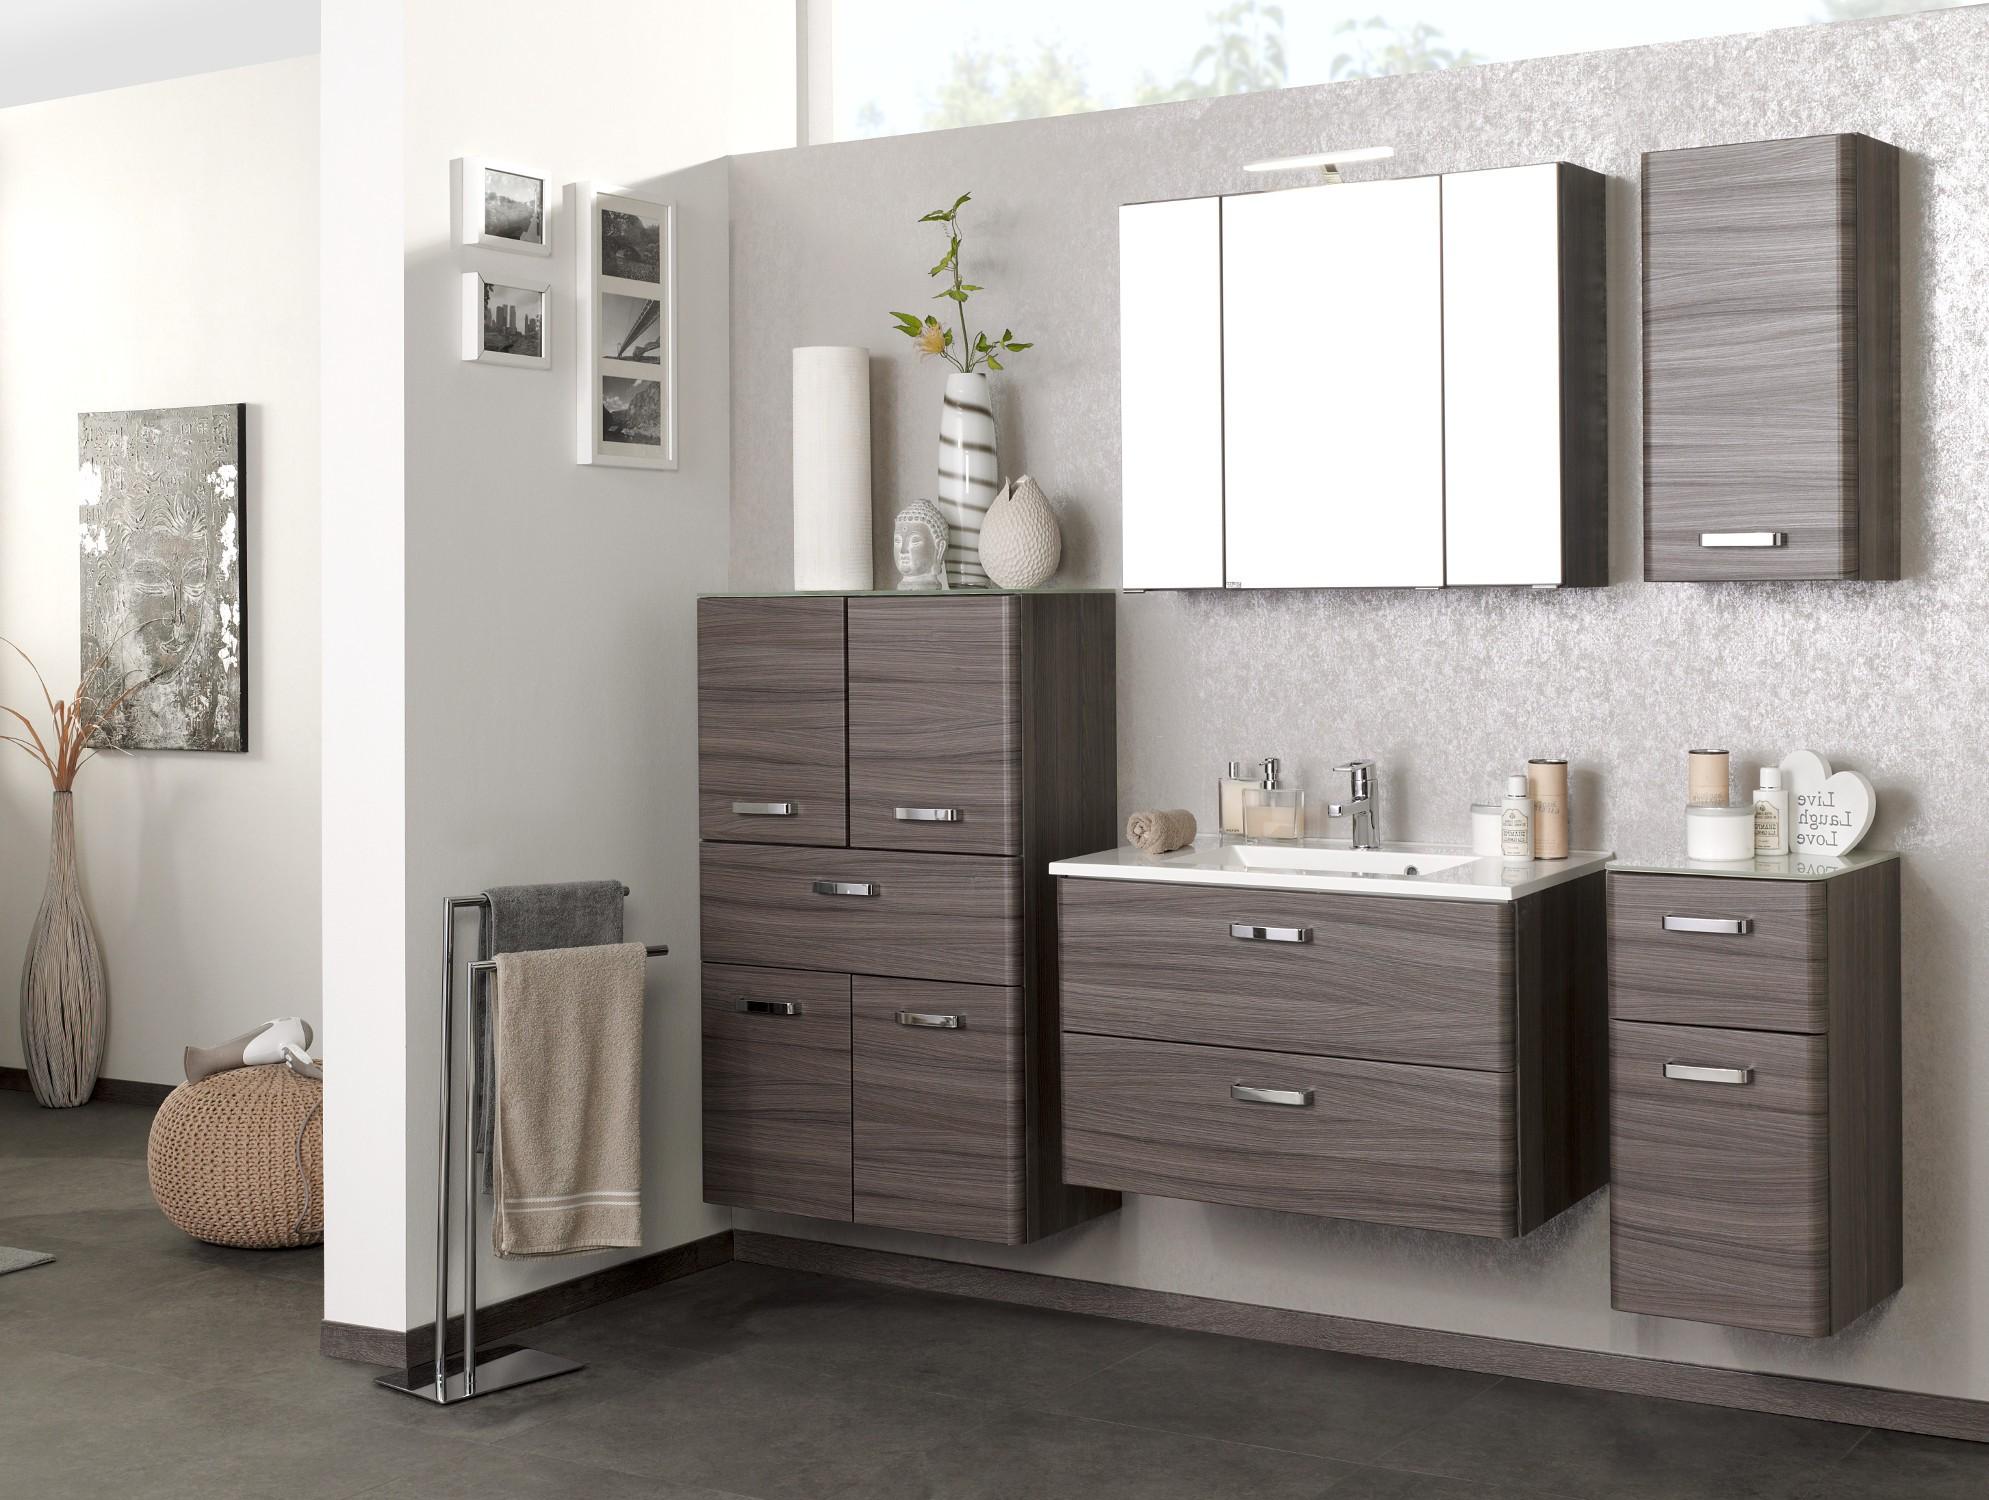 badm bel set phoenix mit waschtisch 7 teilig 185 cm breit eiche dunkel mit. Black Bedroom Furniture Sets. Home Design Ideas